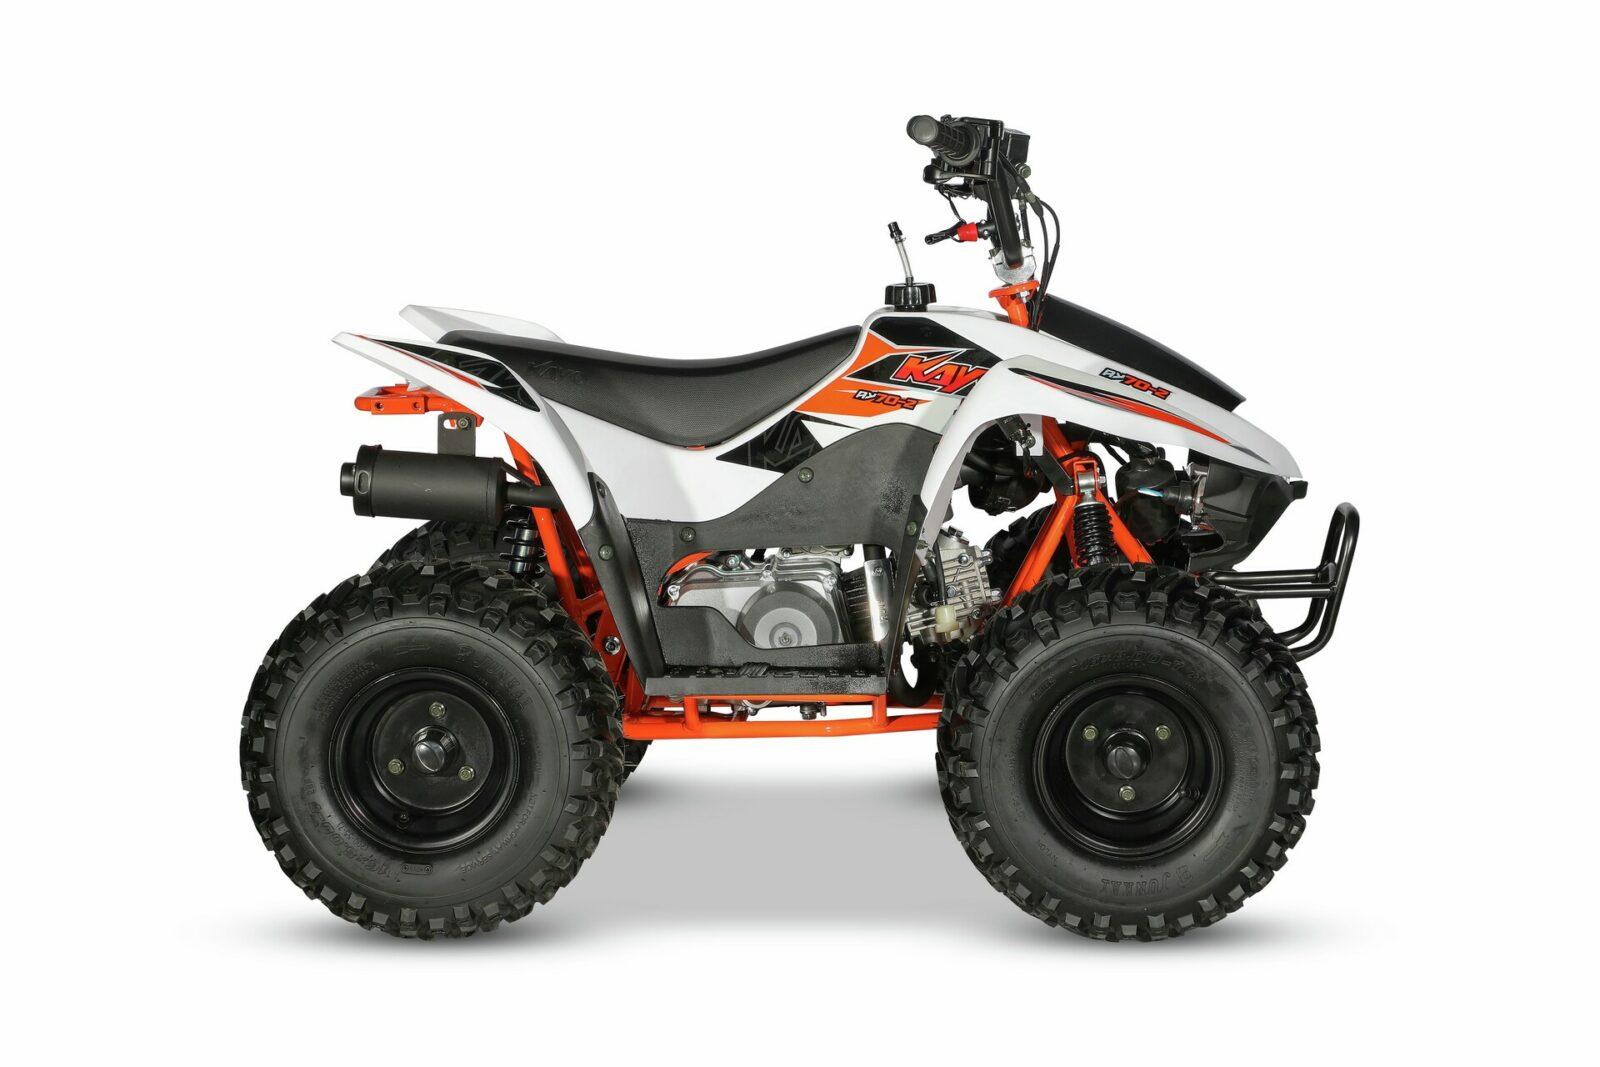 KAYO AT70 ATV 01920 1920